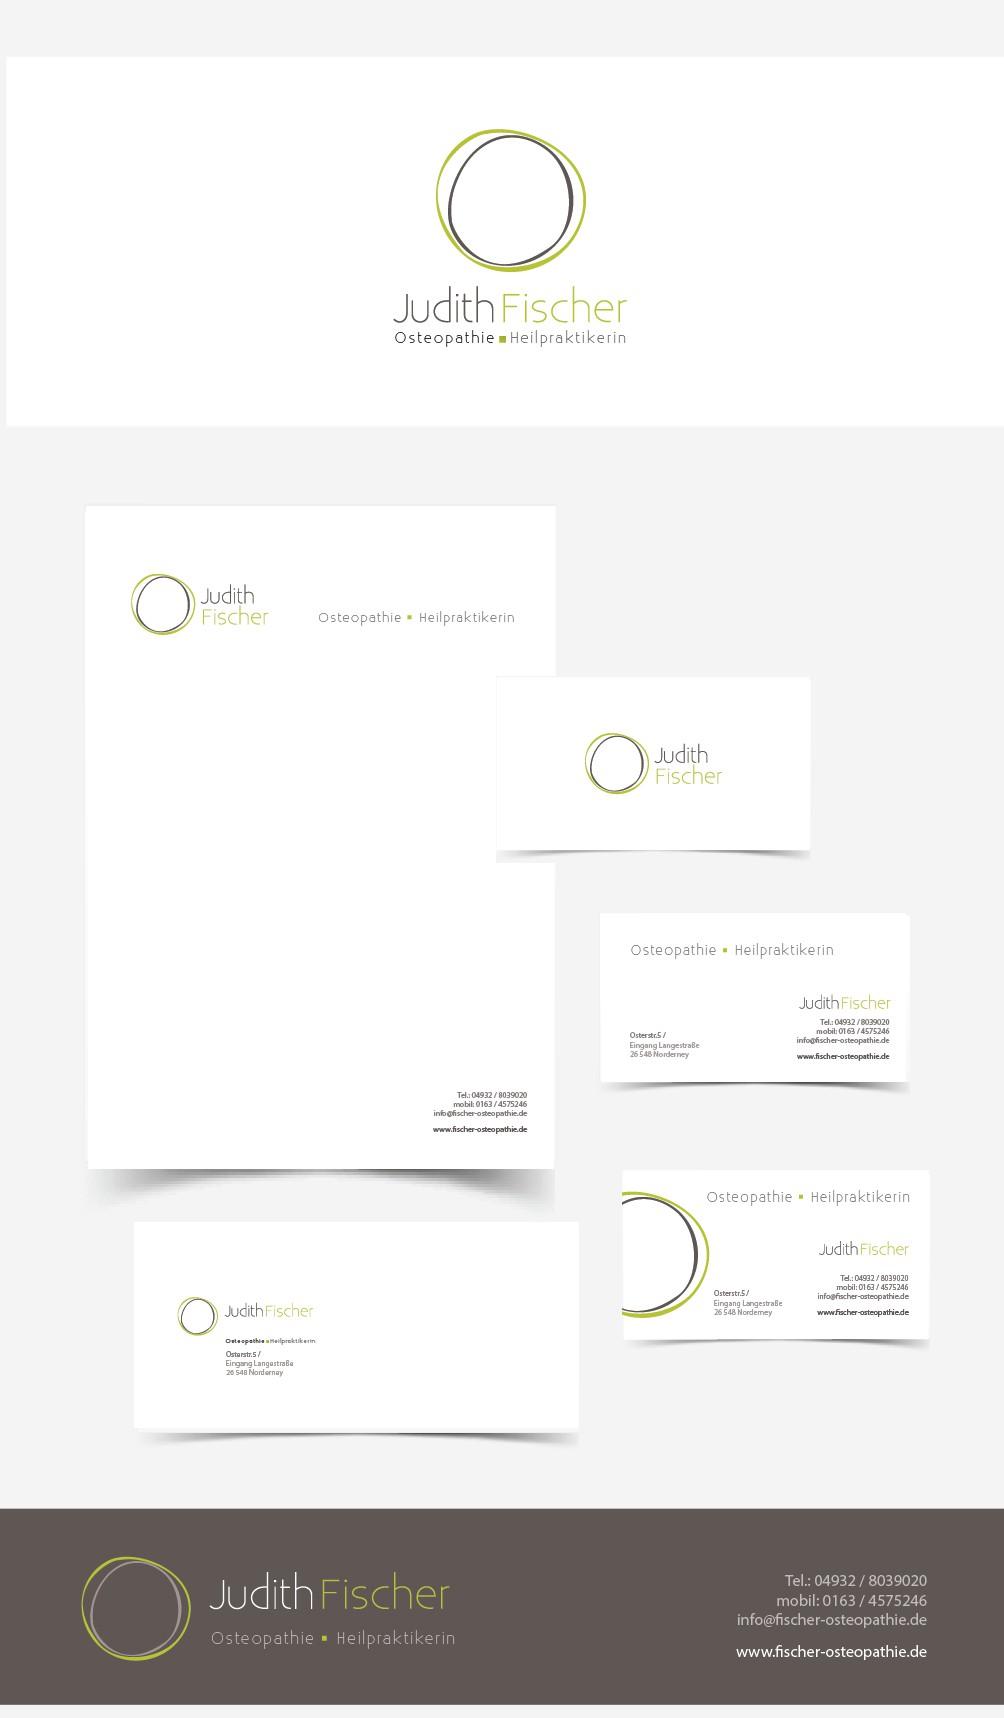 Judith Fischer benötigt ein logo and business card